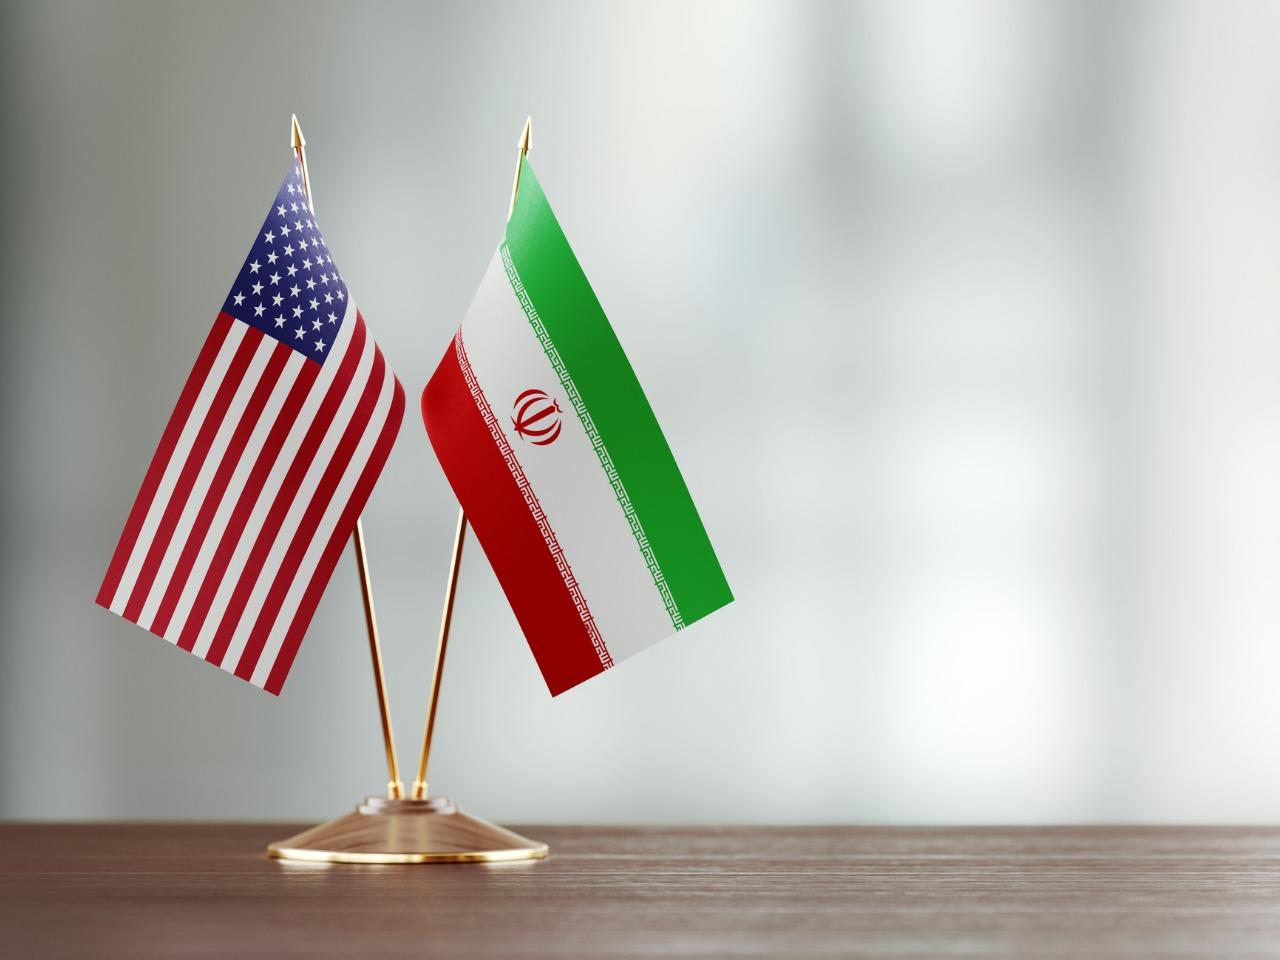 چه زمانی ایران و آمریکا مذاکره میکنند؟